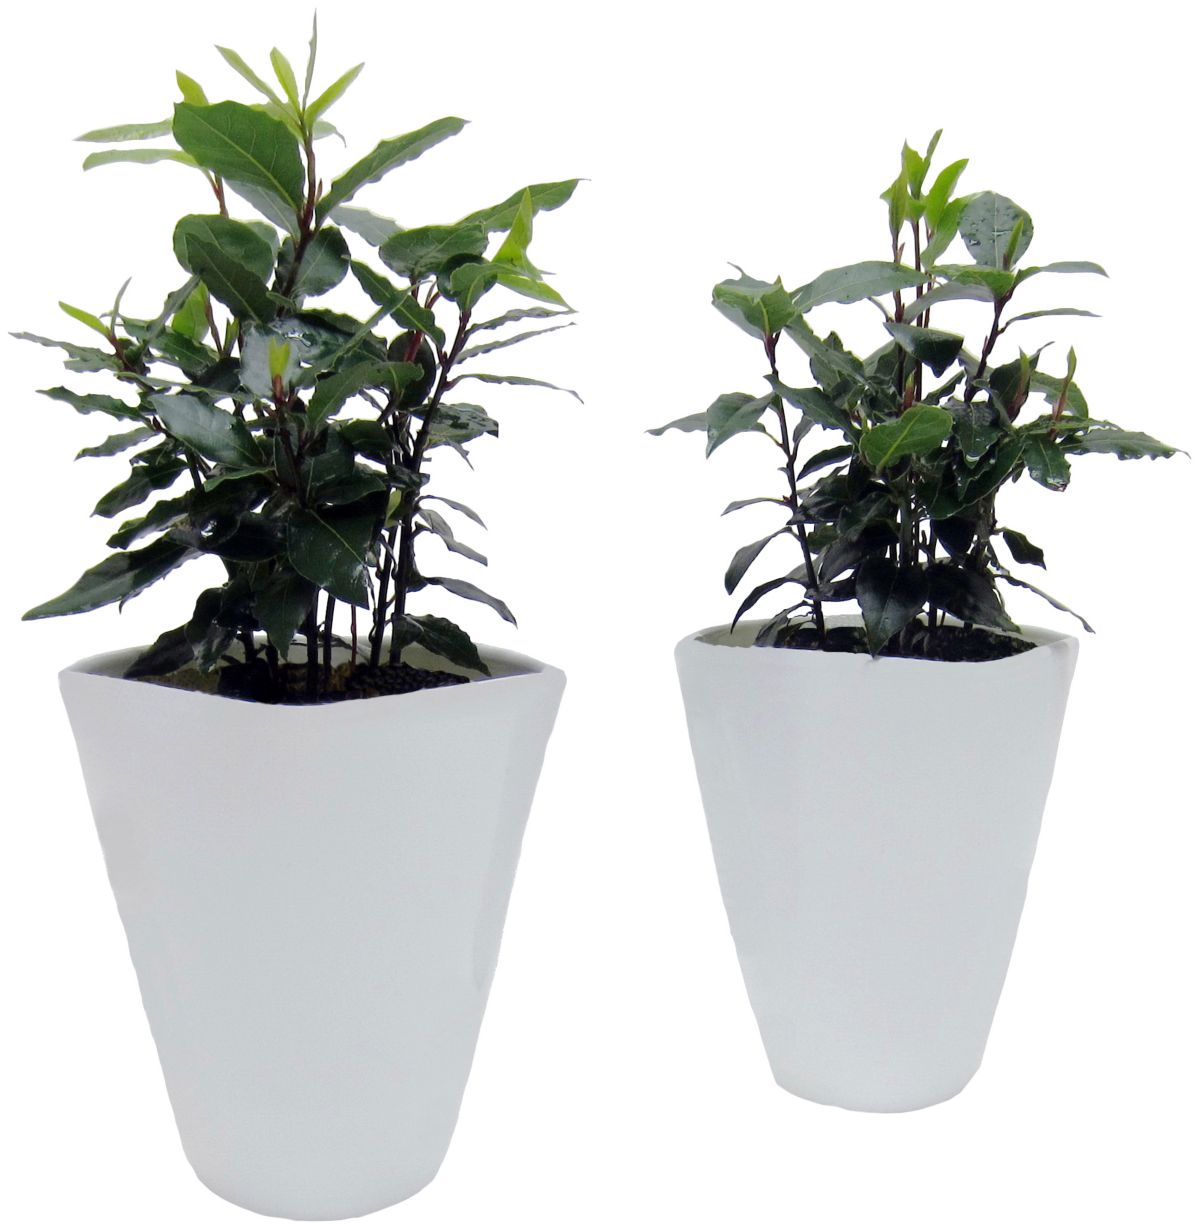 Zimmerpflanze »Gewürzlorbeer«, Höhe: 15 cm, 2 P...